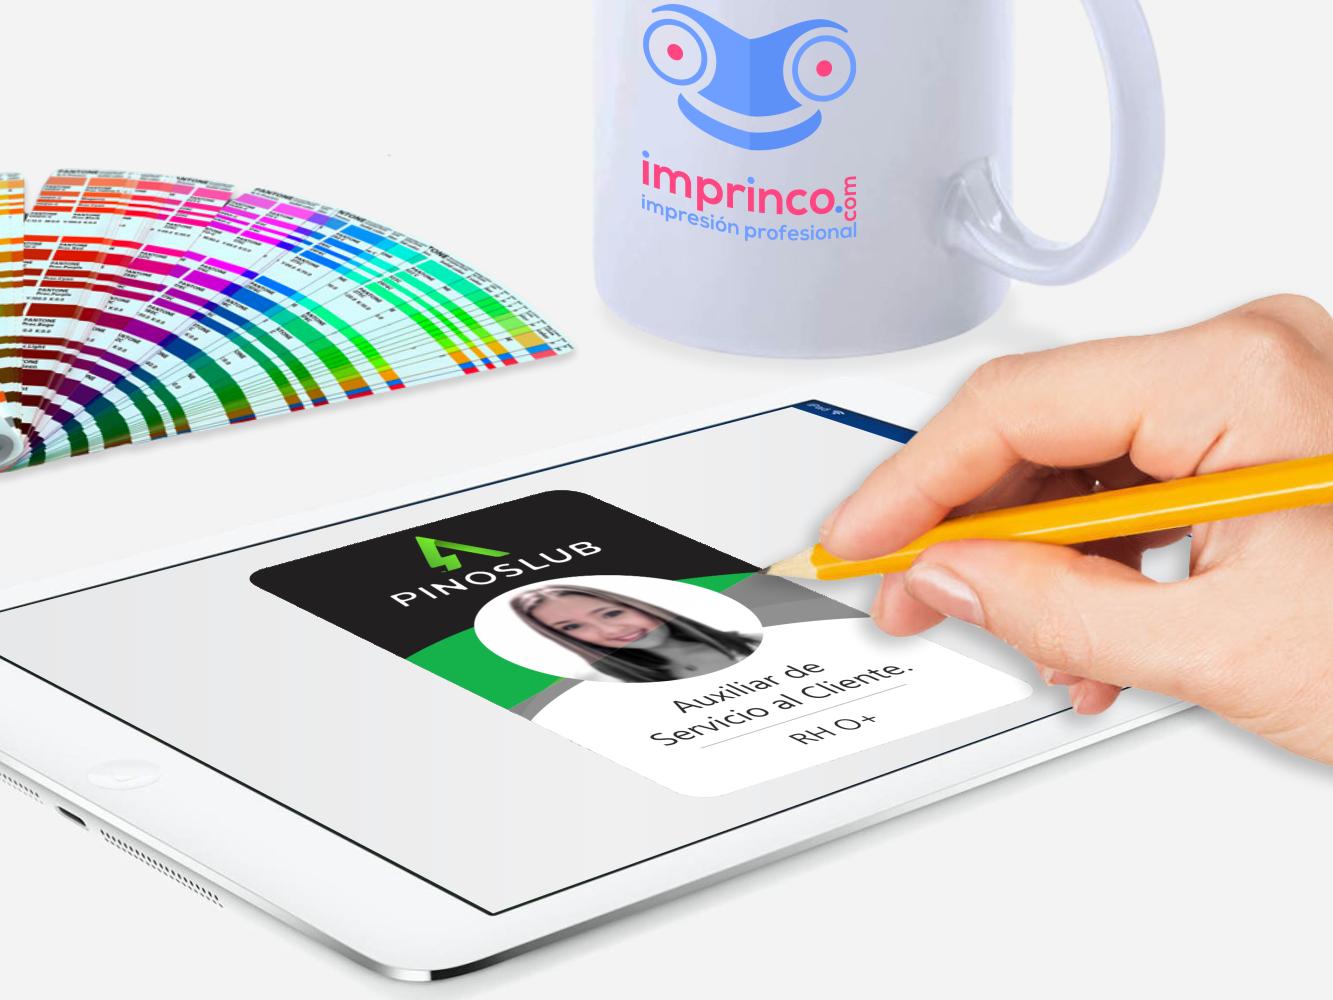 Diseño Gráfico de Carnets imprinco